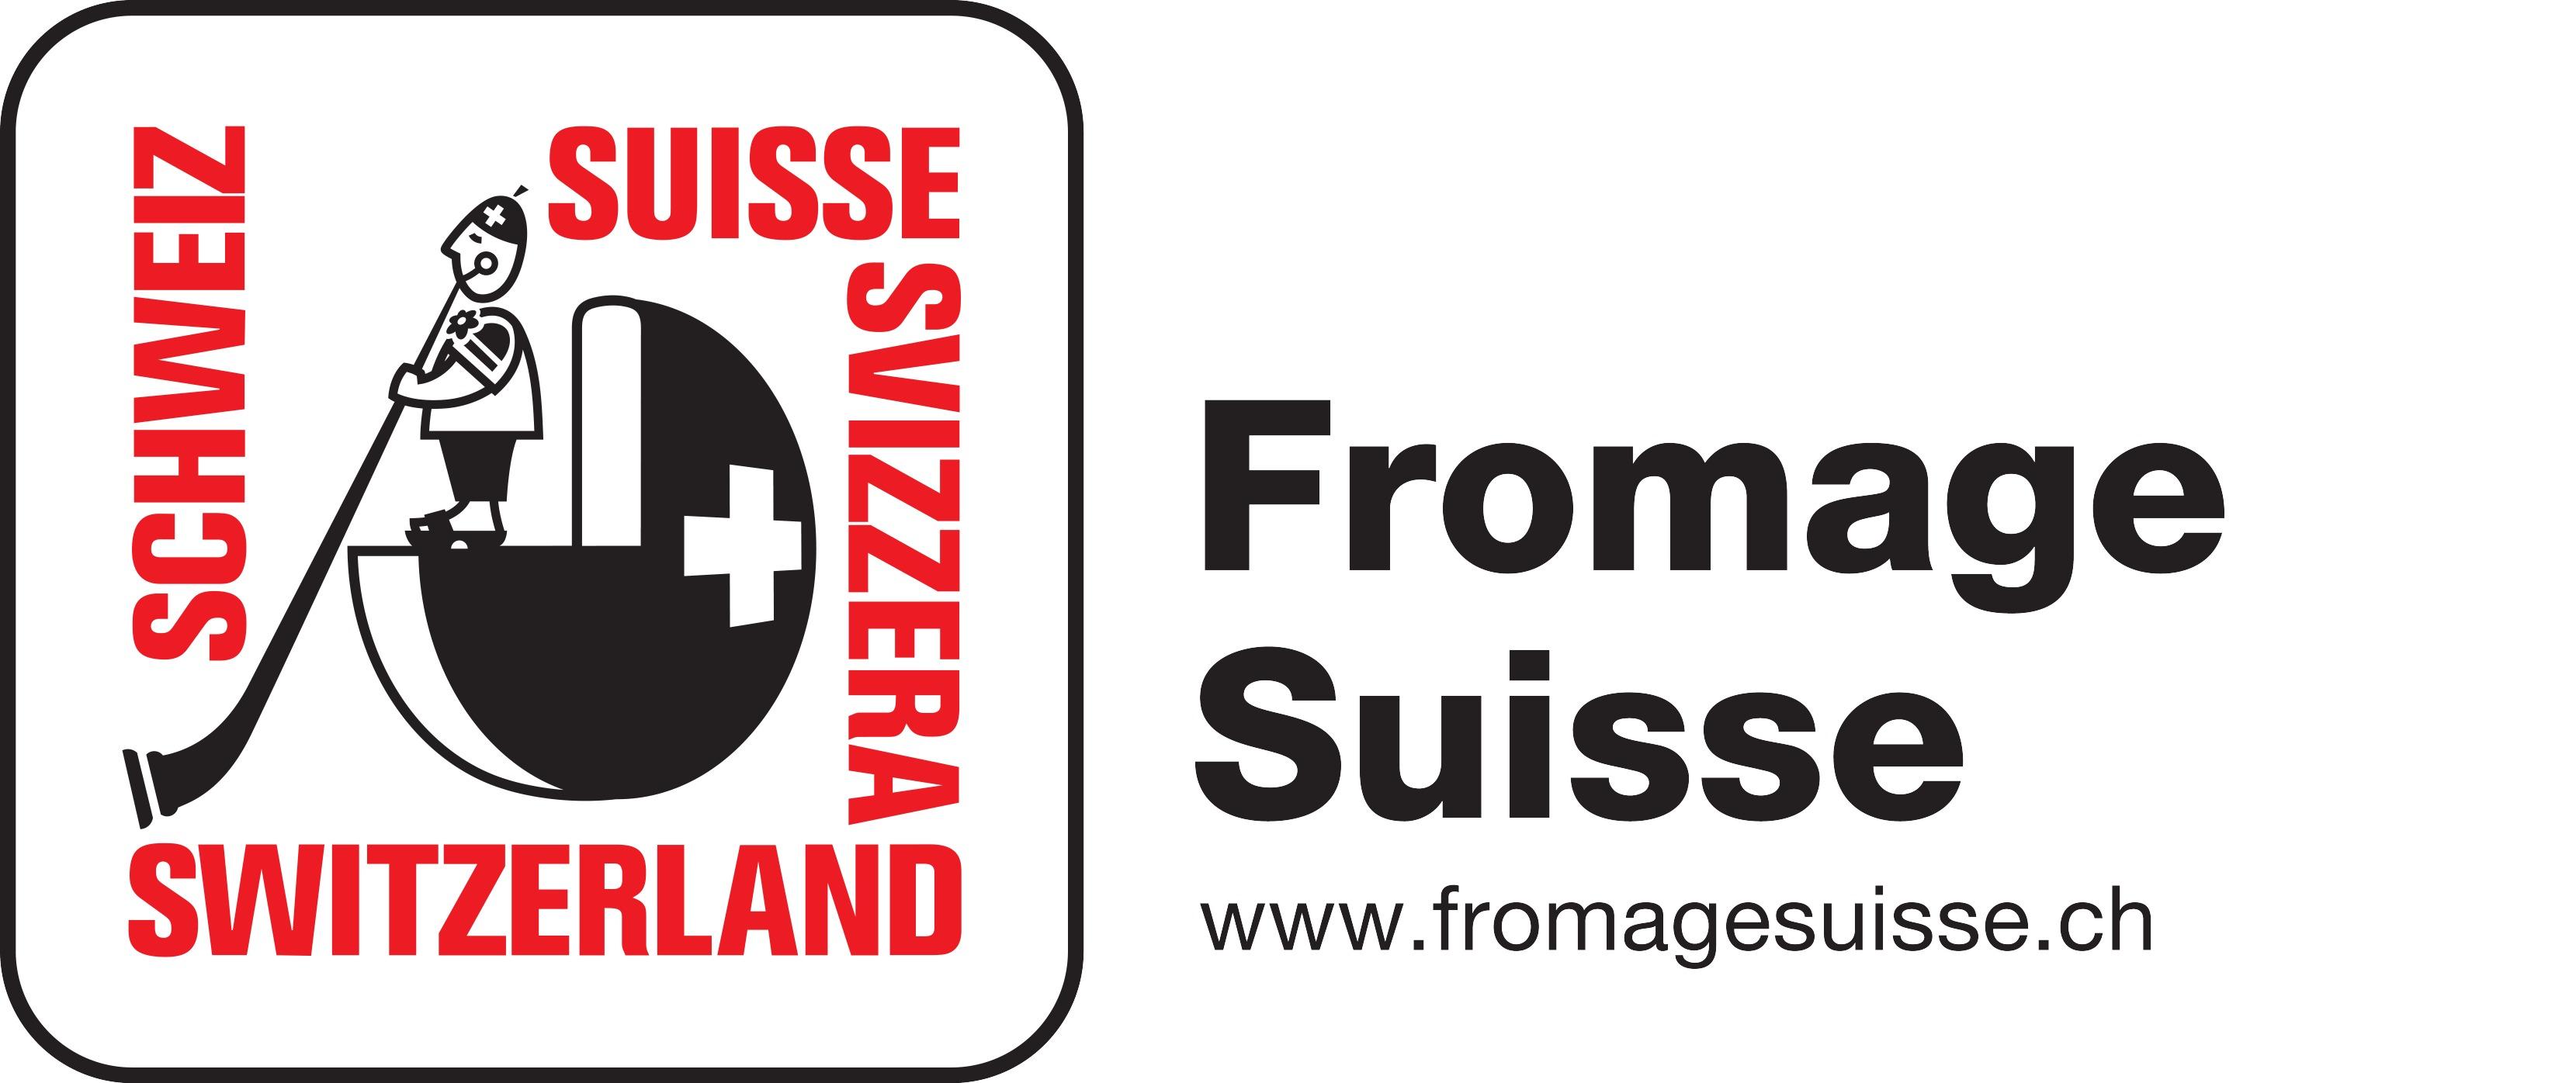 Swiss Cheese Marketing